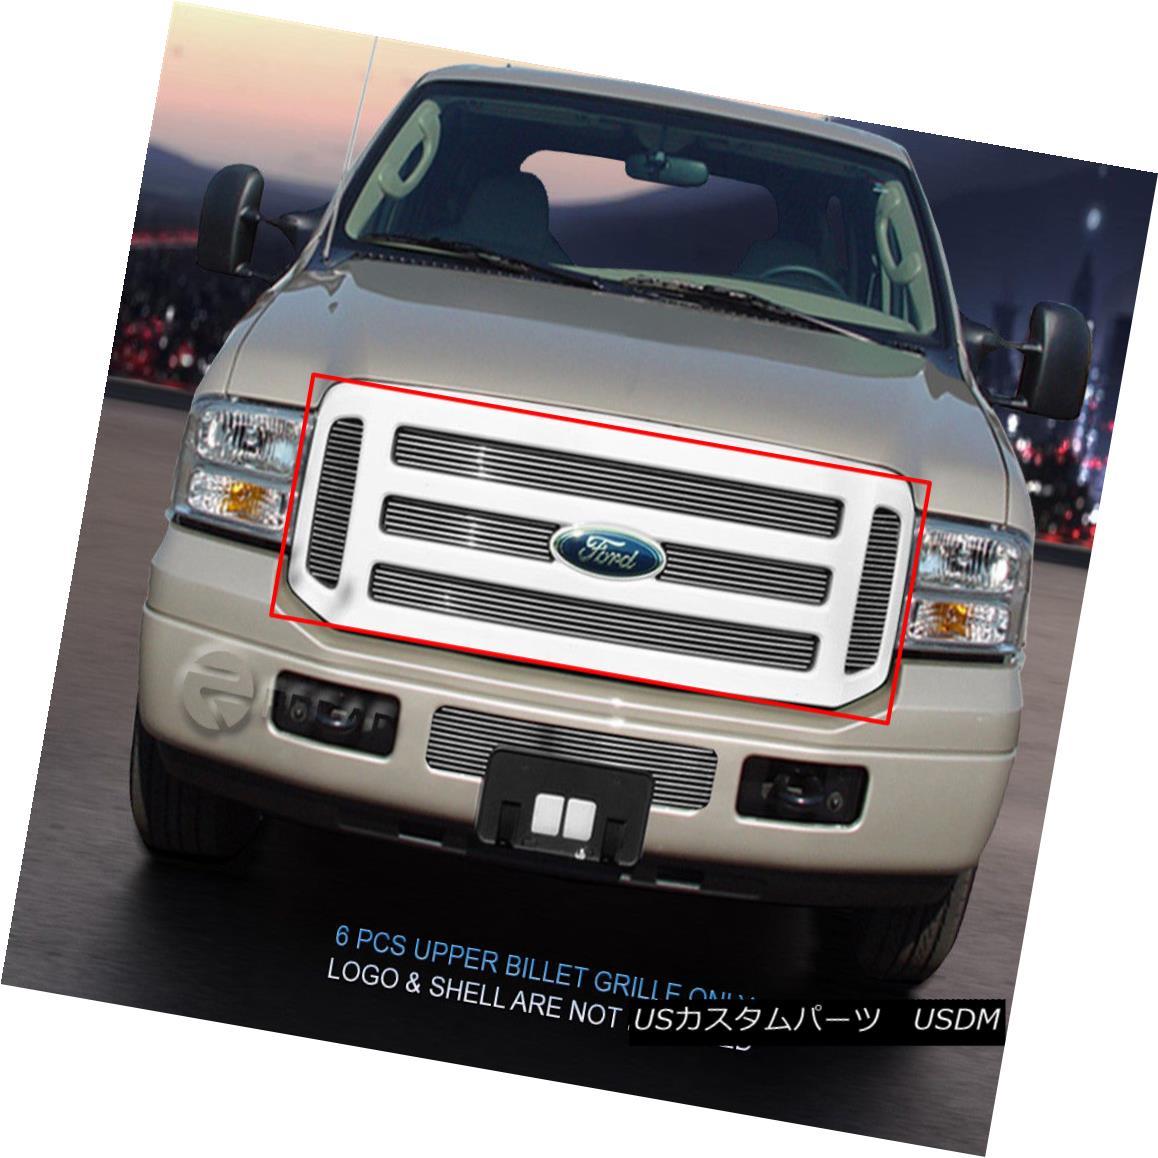 グリル For 05-07 Ford F-250 F350 F450 F550 Excursion Billet Grille Upper Insert Fedar 05-07 Ford F-250 F350 F450 F550エクスカーションビレットグリル上部インサートFedar